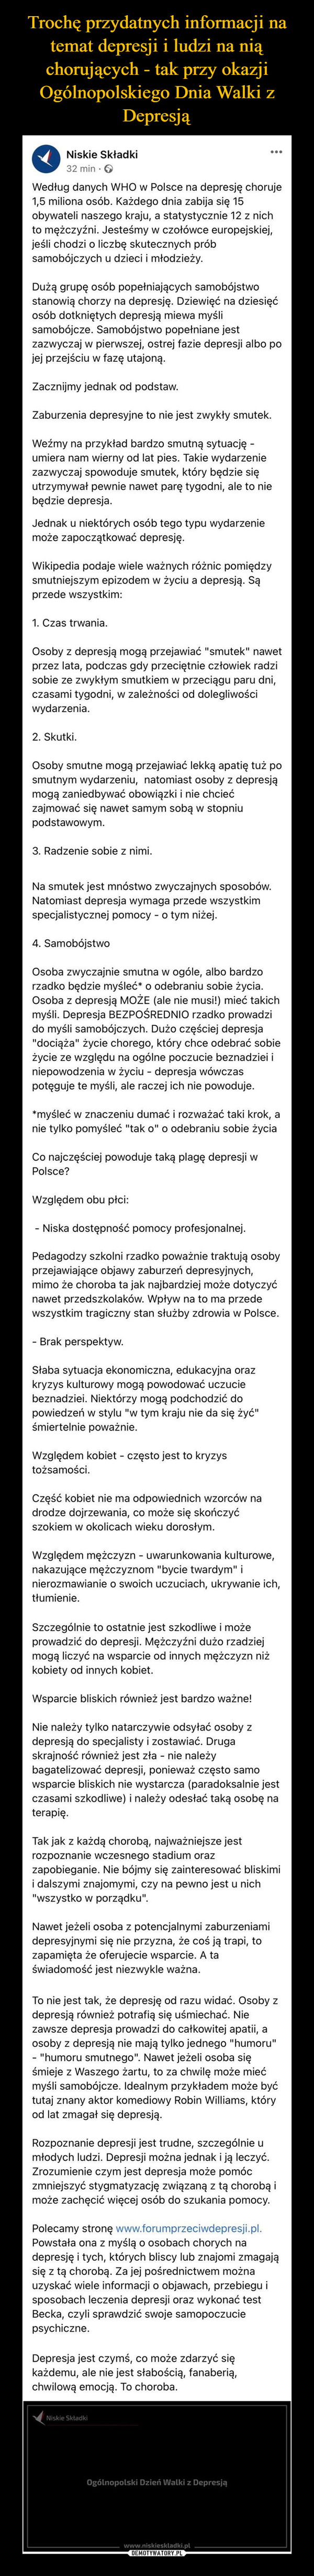 """–  Według danych WHO w Polsce na depresję choruje 1,5 miliona osób. Każdego dnia zabija się 15 obywateli naszego kraju, a statystycznie 12 z nich to mężczyźni. Jesteśmy w czołówce europejskiej, jeśli chodzi o liczbę skutecznych prób samobójczych u dzieci i młodzieży.Dużą grupę osób popełniających samobójstwo stanowią chorzy na depresję. Dziewięć na dziesięć osób dotkniętych depresją miewa myśli samobójcze. Samobójstwo popełniane jest zazwyczaj w pierwszej, ostrej fazie depresji albo po jej przejściu w fazę utajoną.Zacznijmy jednak od podstaw.Zaburzenia depresyjne to nie jest zwykły smutek.Weźmy na przykład bardzo smutną sytuację - umiera nam wierny od lat pies. Takie wydarzenie zazwyczaj spowoduje smutek, który będzie się utrzymywał pewnie nawet parę tygodni, ale to nie będzie depresja.Jednak u niektórych osób tego typu wydarzenie może zapoczątkować depresję.Wikipedia podaje wiele ważnych różnic pomiędzy smutniejszym epizodem w życiu a depresją. Są przede wszystkim:1. Czas trwania.Osoby z depresją mogą przejawiać """"smutek"""" nawet przez lata, podczas gdy przeciętnie człowiek radzi sobie ze zwykłym smutkiem w przeciągu paru dni, czasami tygodni, w zależności od dolegliwości wydarzenia.2. Skutki.Osoby smutne mogą przejawiać lekką apatię tuż po smutnym wydarzeniu, natomiast osoby z depresją mogą zaniedbywać obowiązki i nie chcieć zajmować się nawet samym sobą w stopniu podstawowym.3. Radzenie sobie z nimi.Na smutek jest mnóstwo zwyczajnych sposobów. Natomiast depresja wymaga przede wszystkim specjalistycznej pomocy - o tym niżej.4. SamobójstwoOsoba zwyczajnie smutna w ogóle, albo bardzo rzadko będzie myśleć* o odebraniu sobie życia. Osoba z depresją MOŻE (ale nie musi!) mieć takich myśli. Depresja BEZPOŚREDNIO rzadko prowadzi do myśli samobójczych. Dużo częściej depresja """"dociąża"""" życie chorego, który chce odebrać sobie życie ze względu na ogólne poczucie beznadziei i niepowodzenia w życiu - depresja wówczas potęguje te myśli, ale raczej ich nie powoduje.*myśleć w znaczen"""